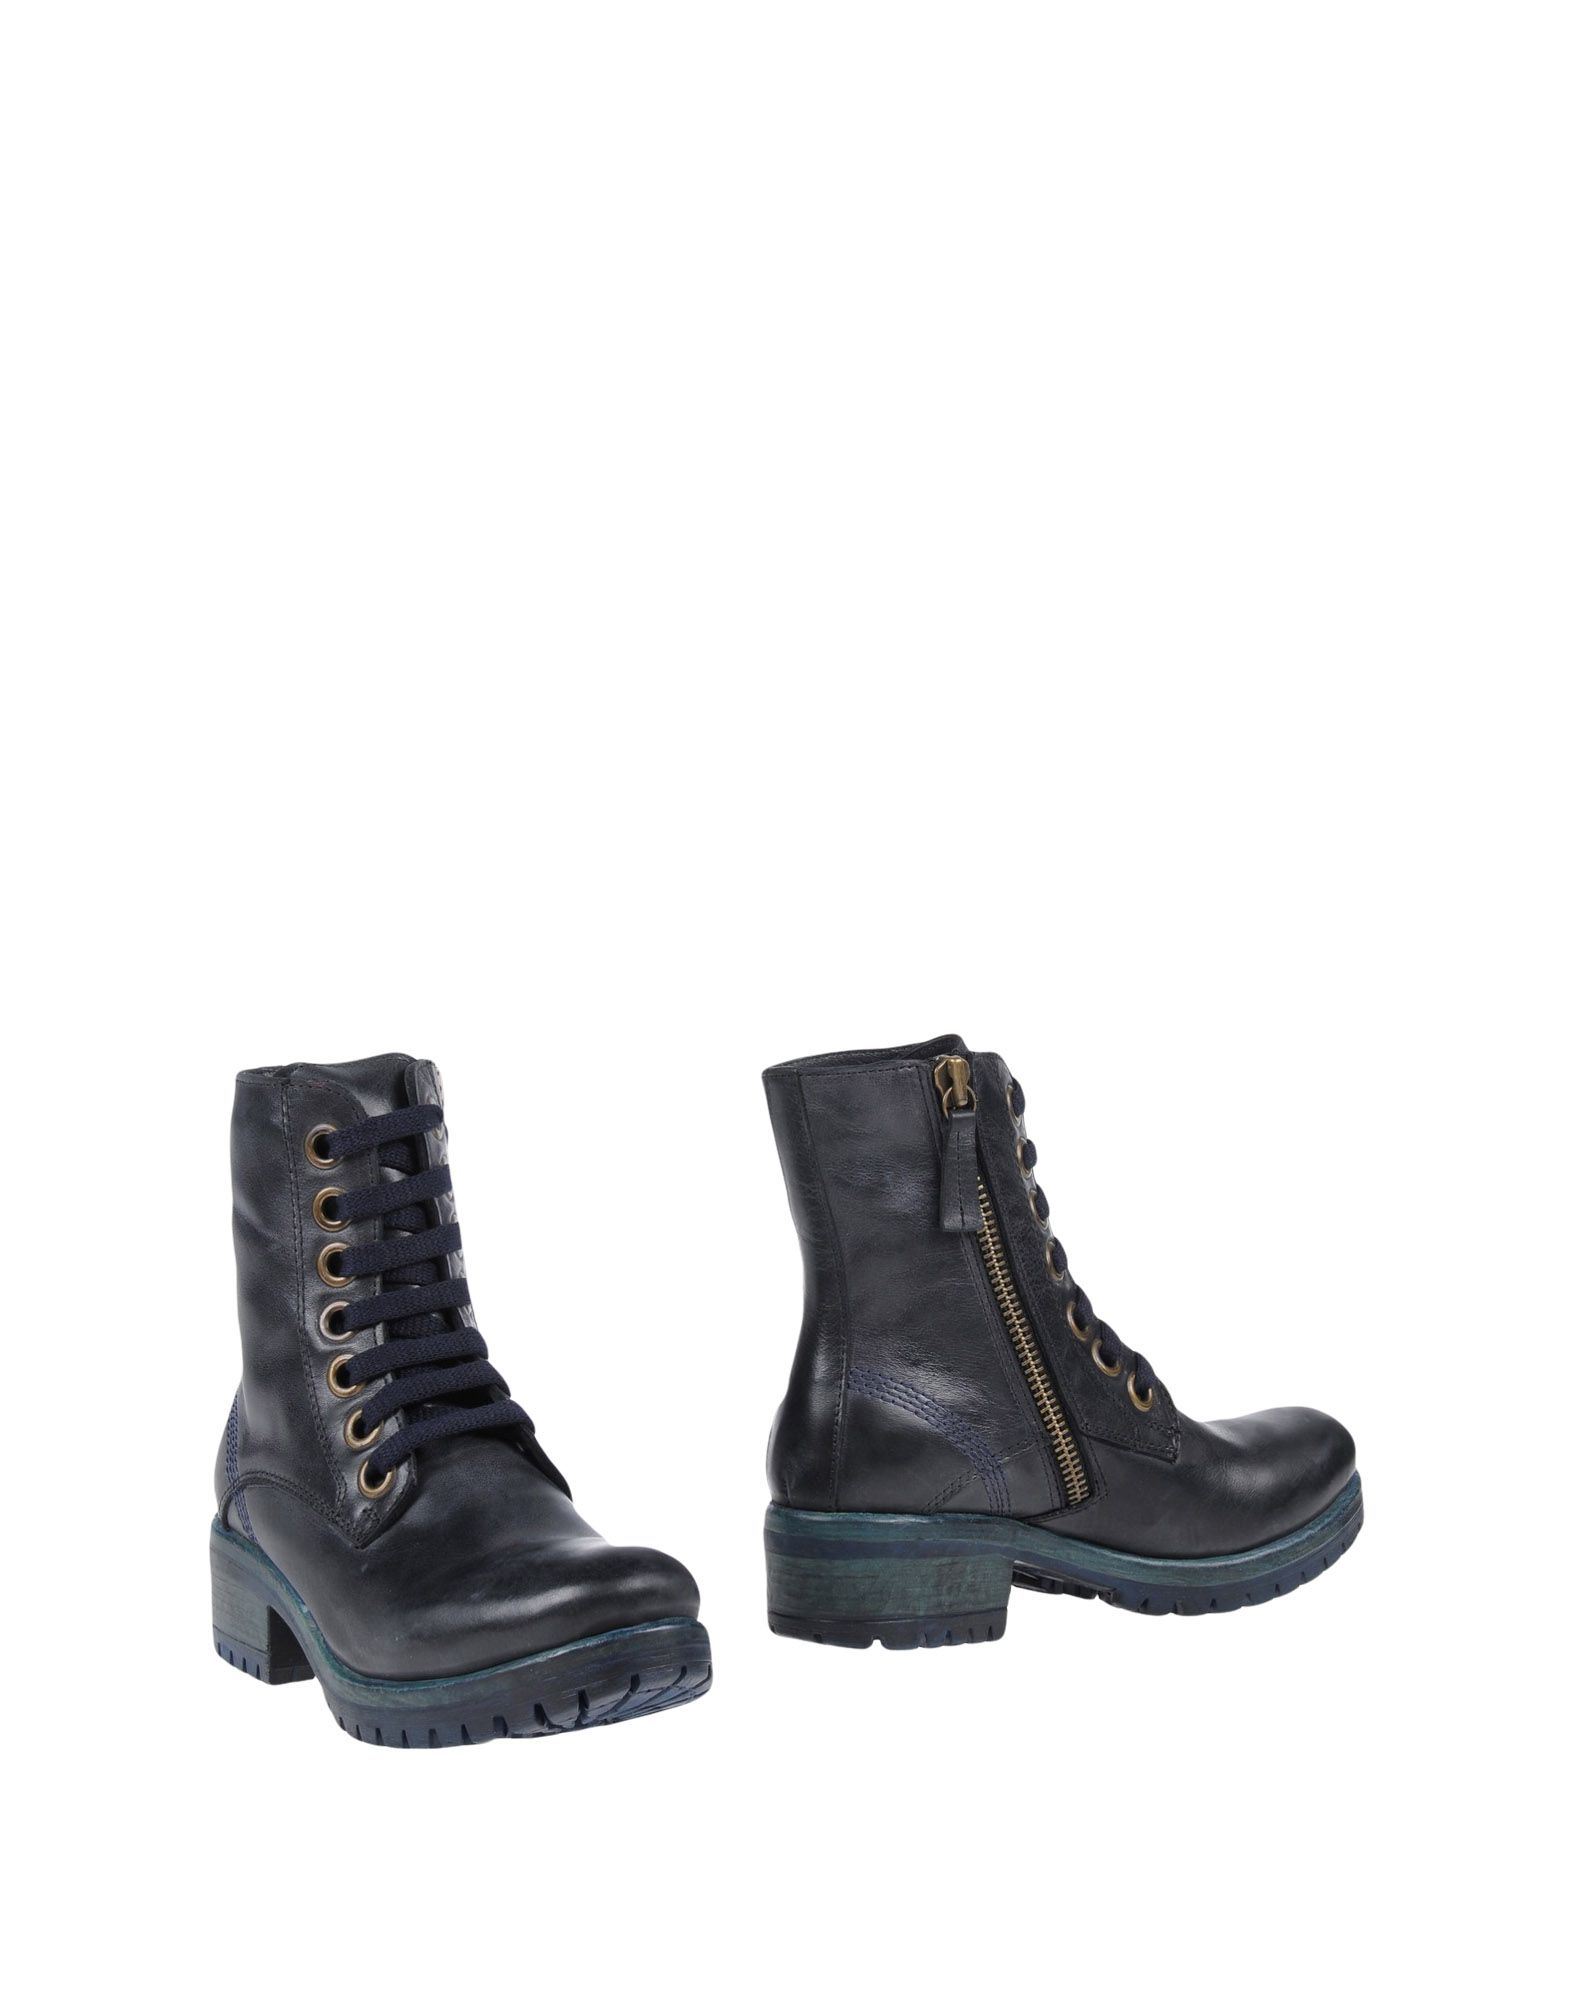 Bueno Stiefelette Damen  11455539JE Gute Qualität beliebte Schuhe